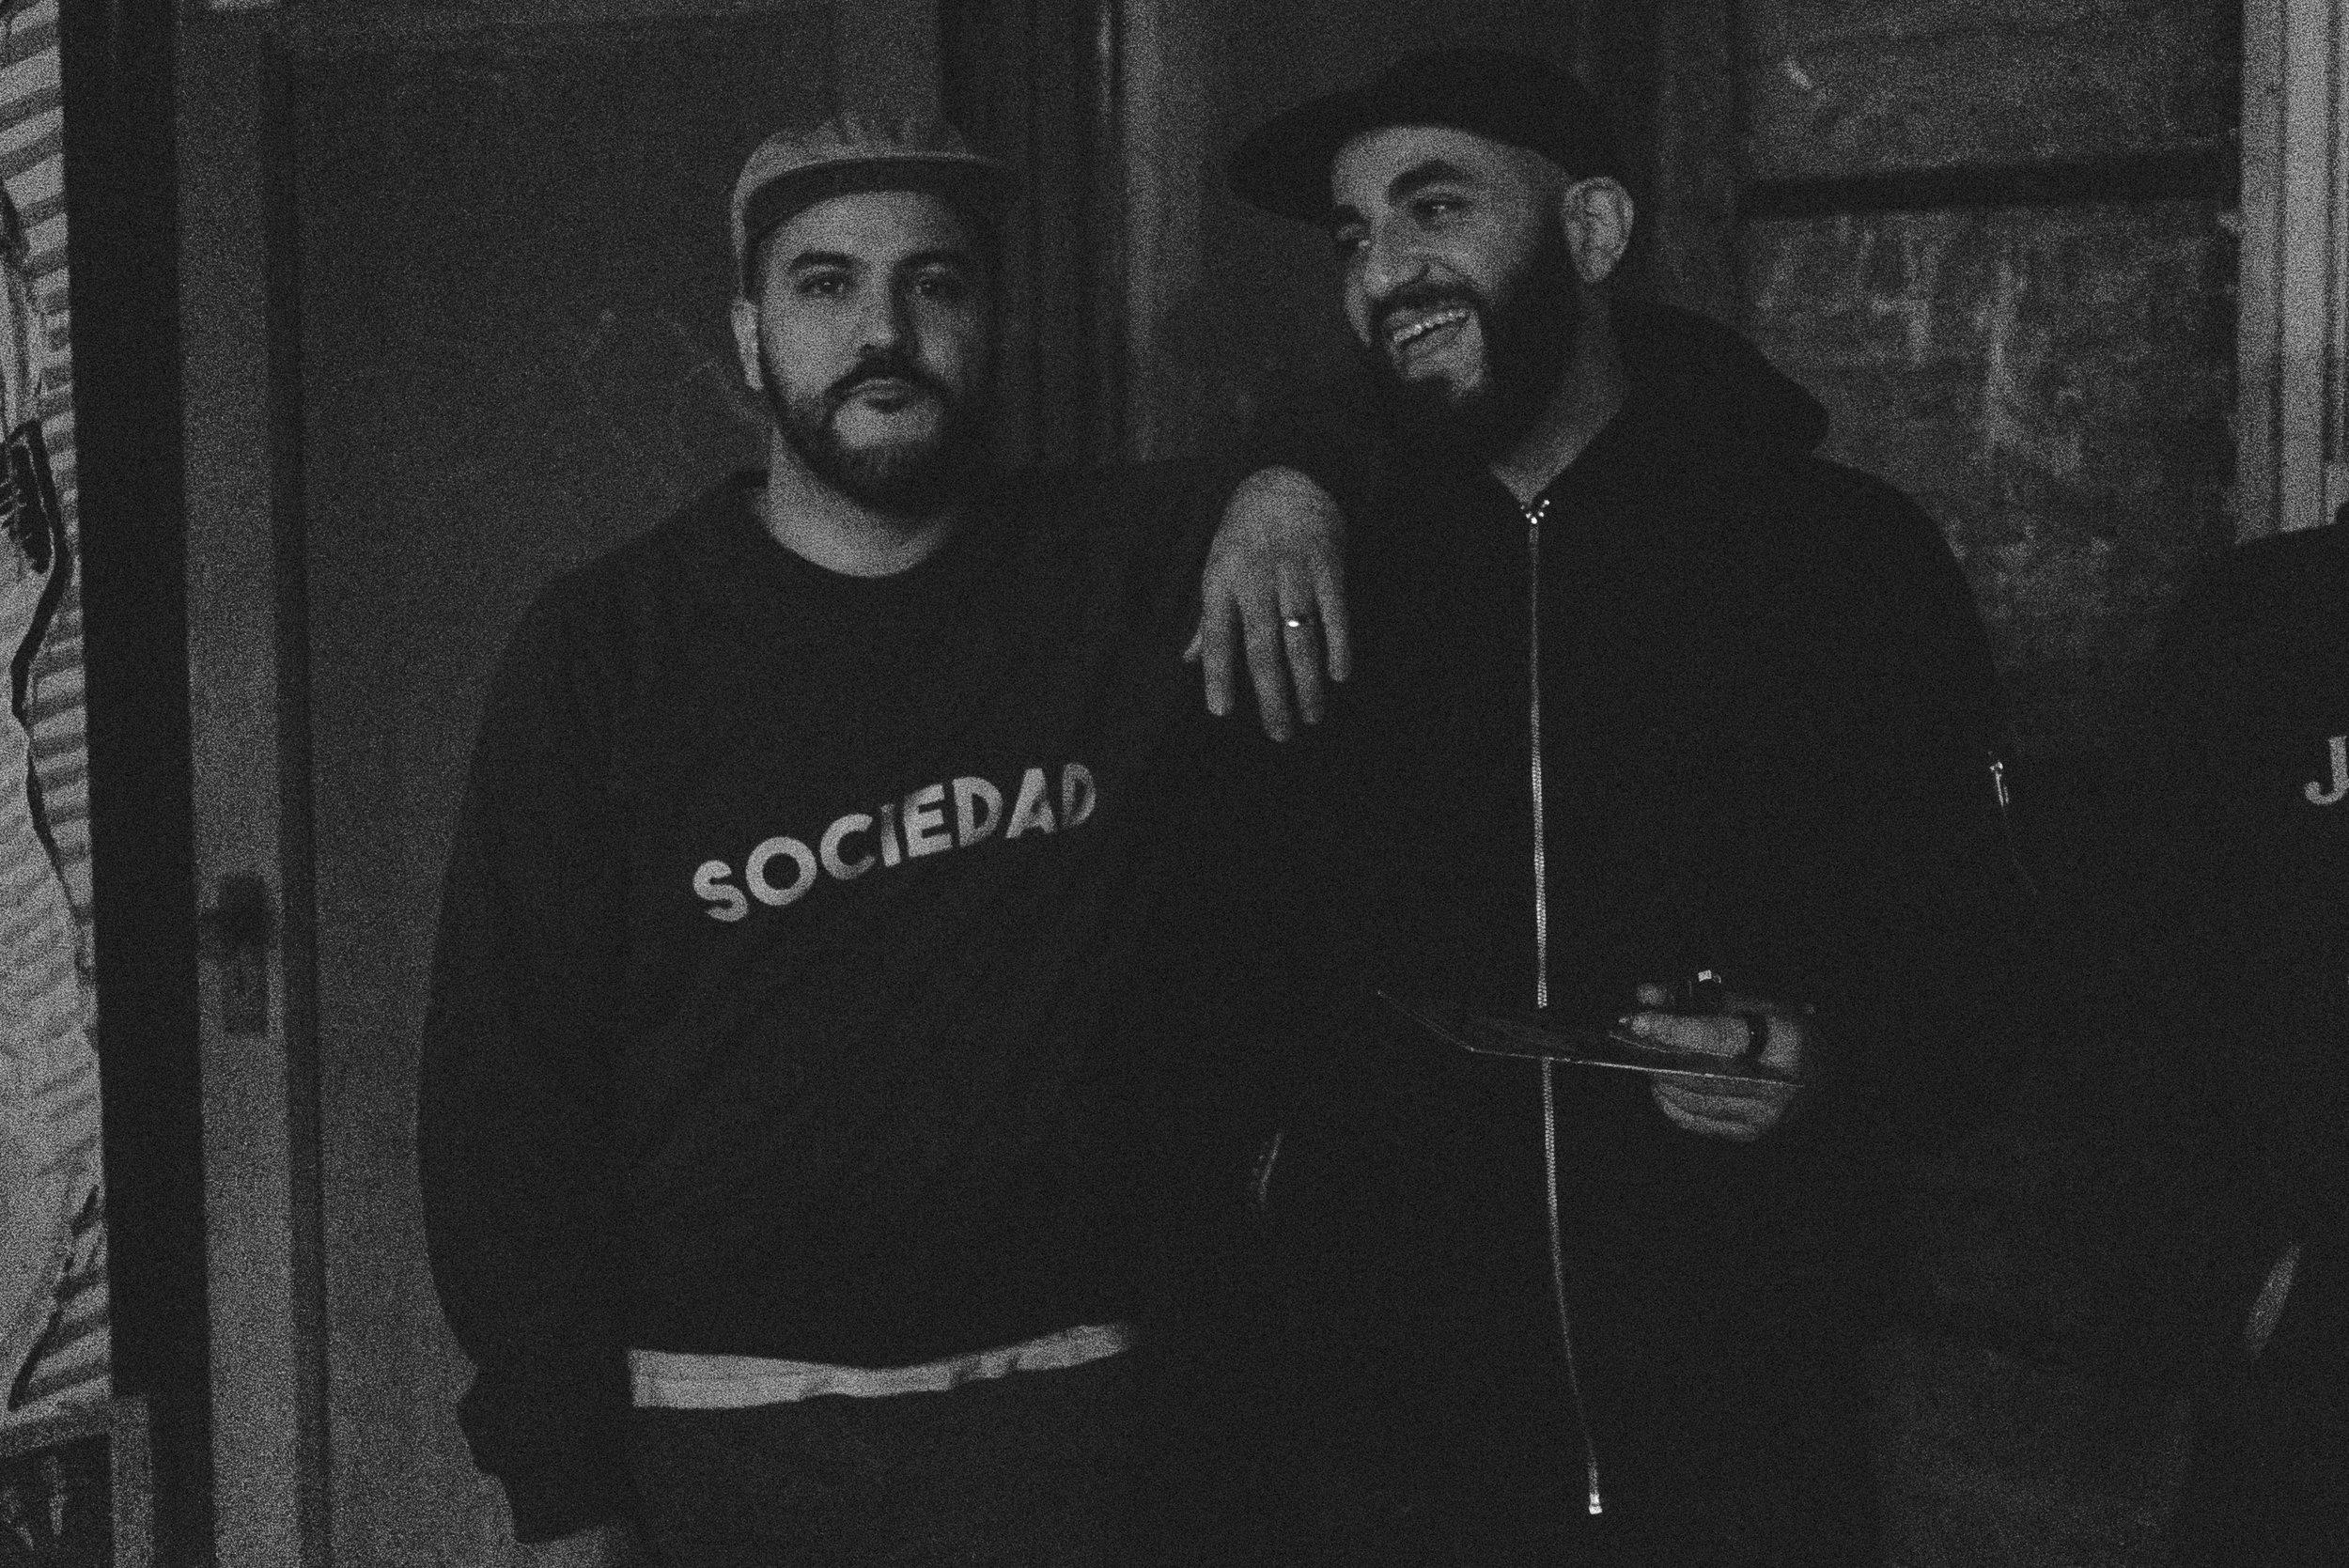 DJ 261-2018 Sociedad Social Club_038.jpg.jpeg